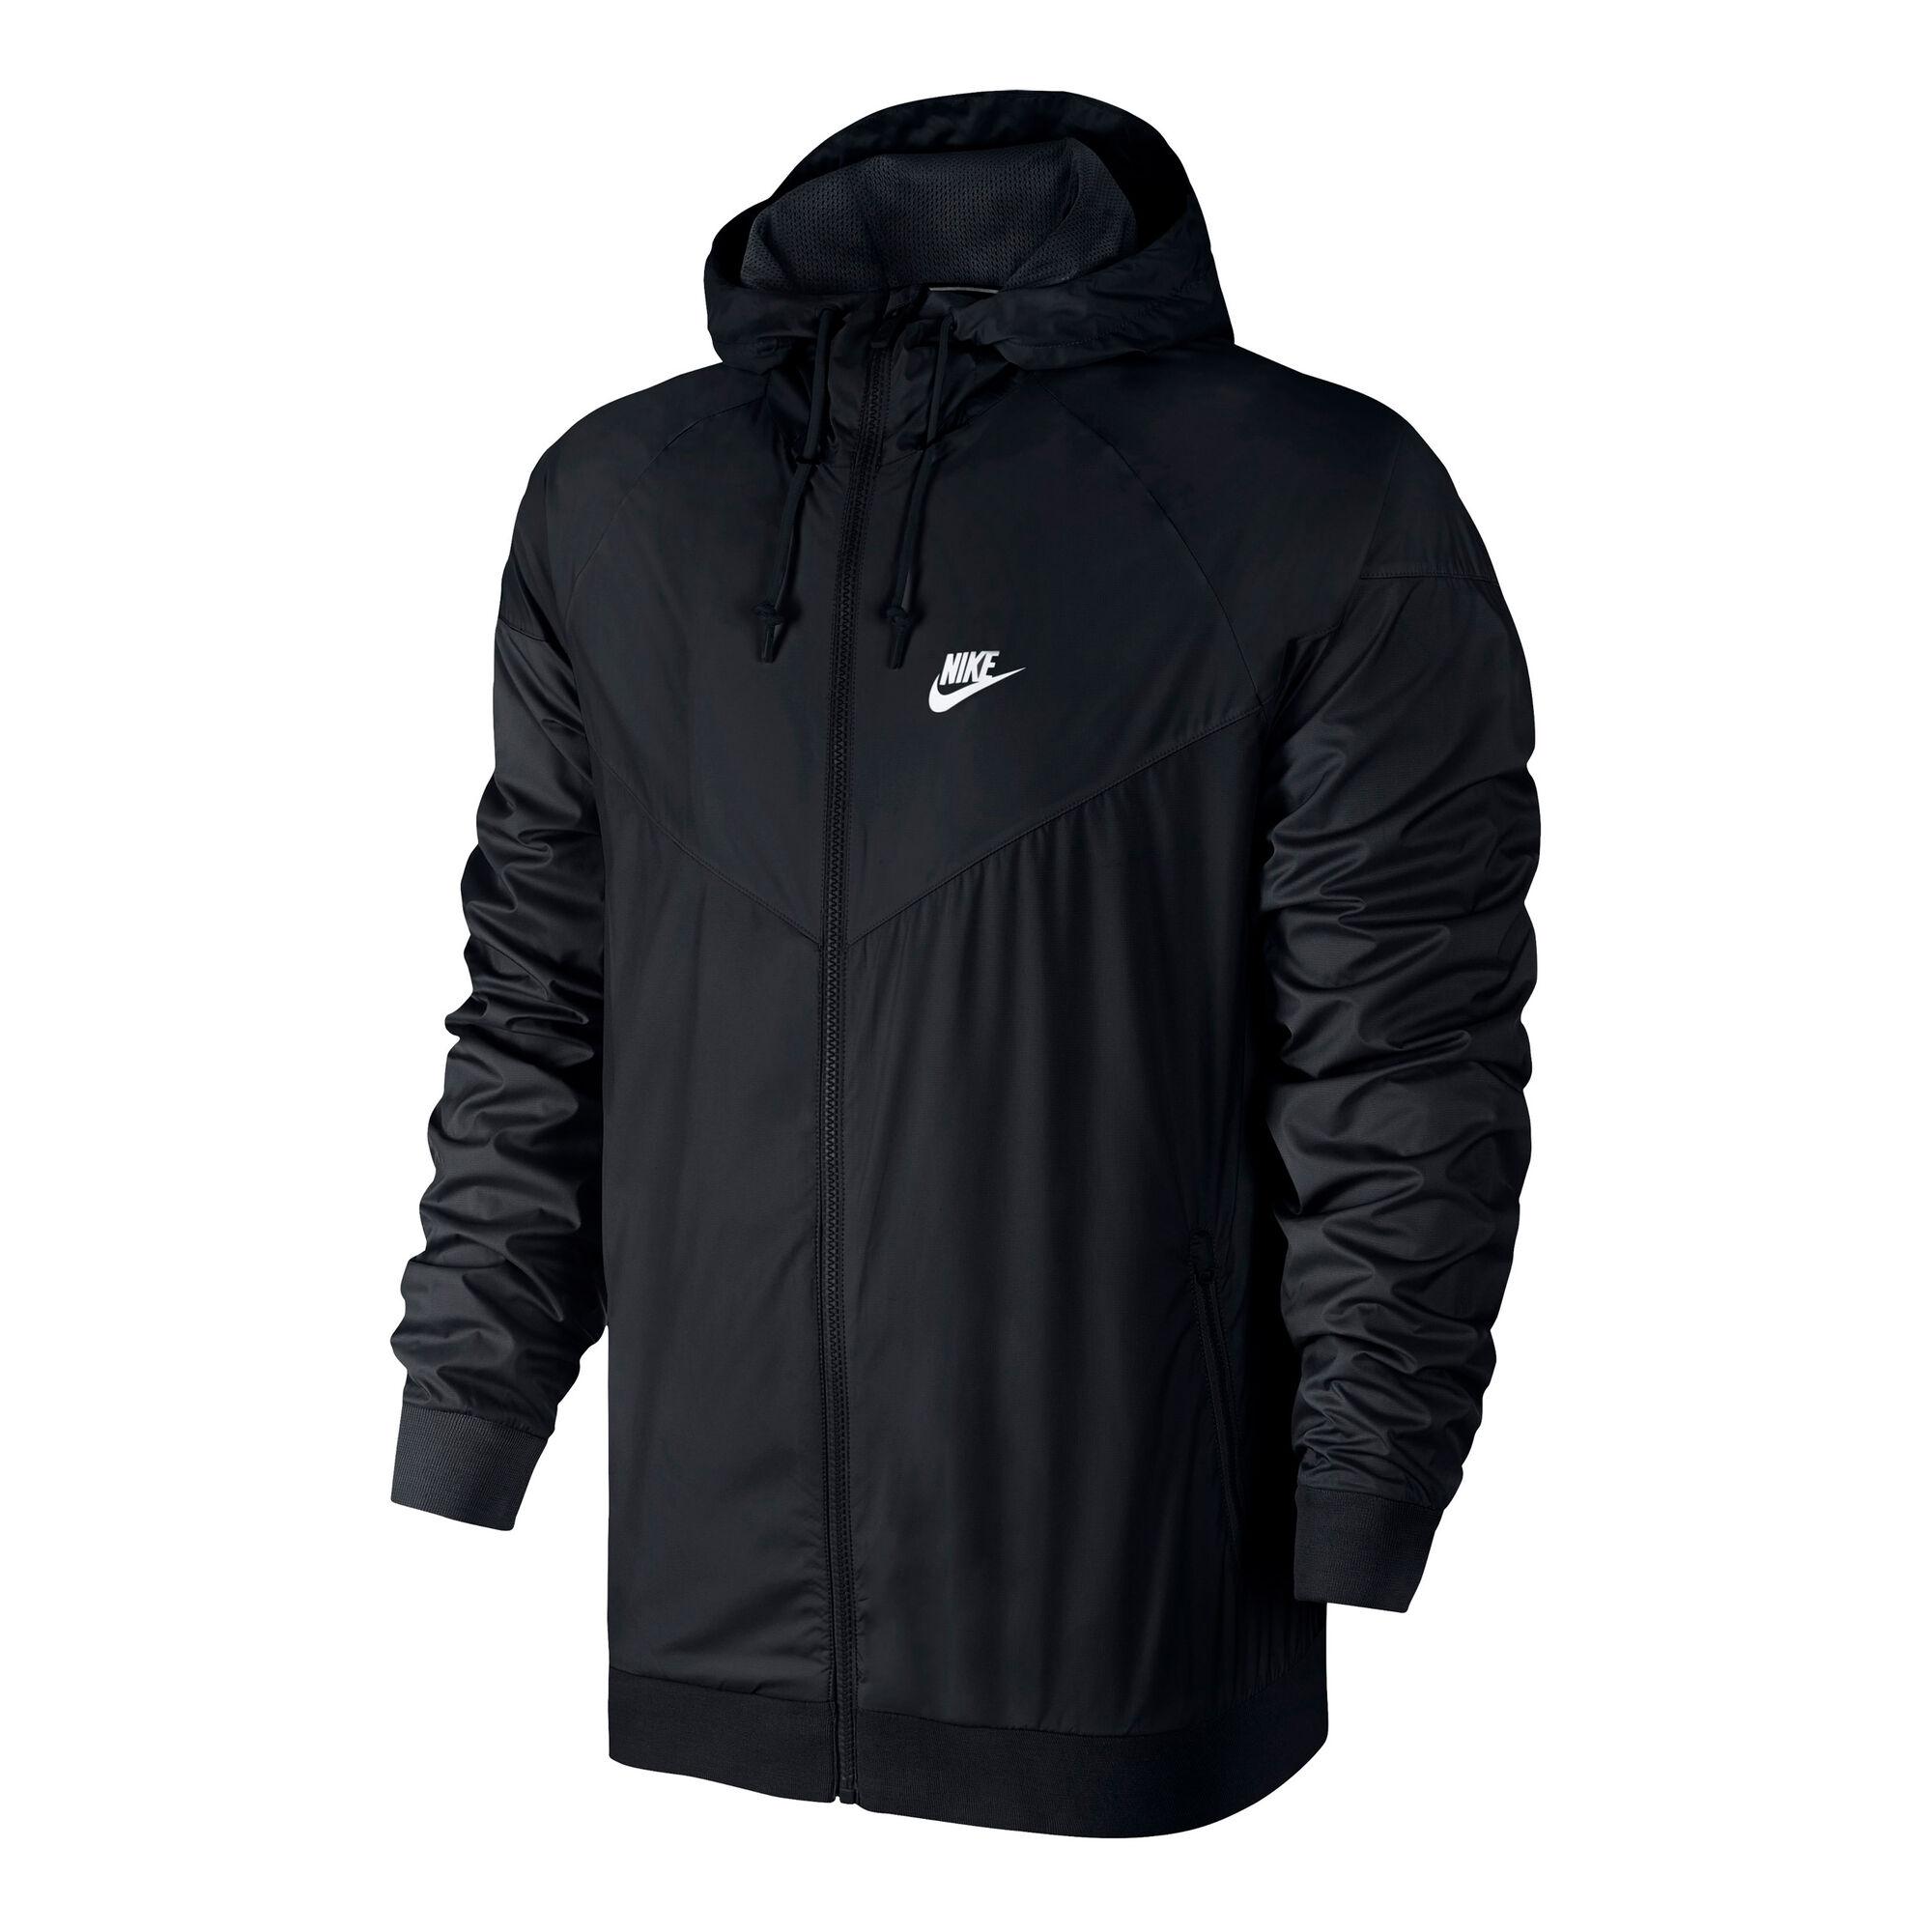 ee72fa391dee buy Nike Sportswear Windrunner Training Jacket Men - Black